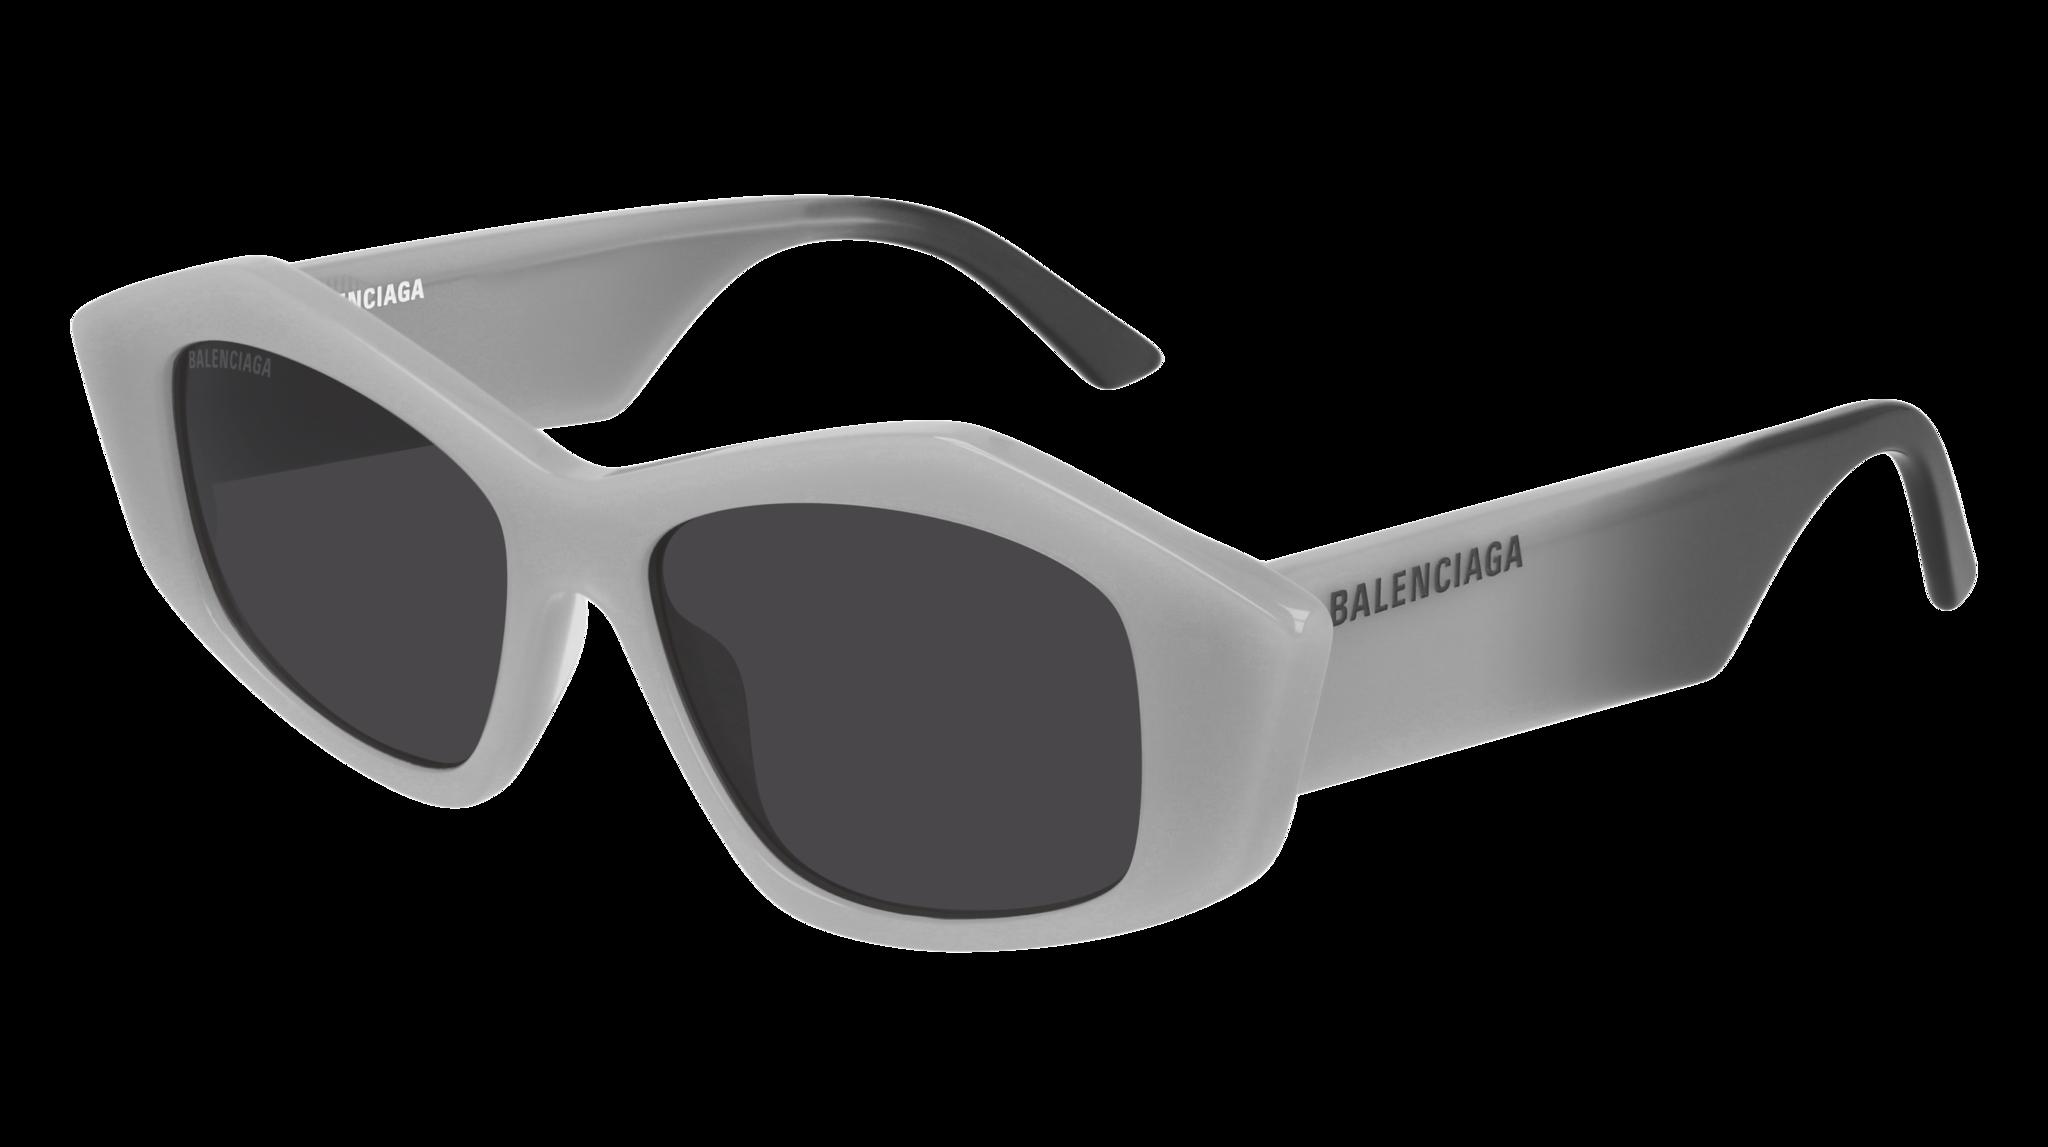 Balenciaga - BB0106S - 3-1